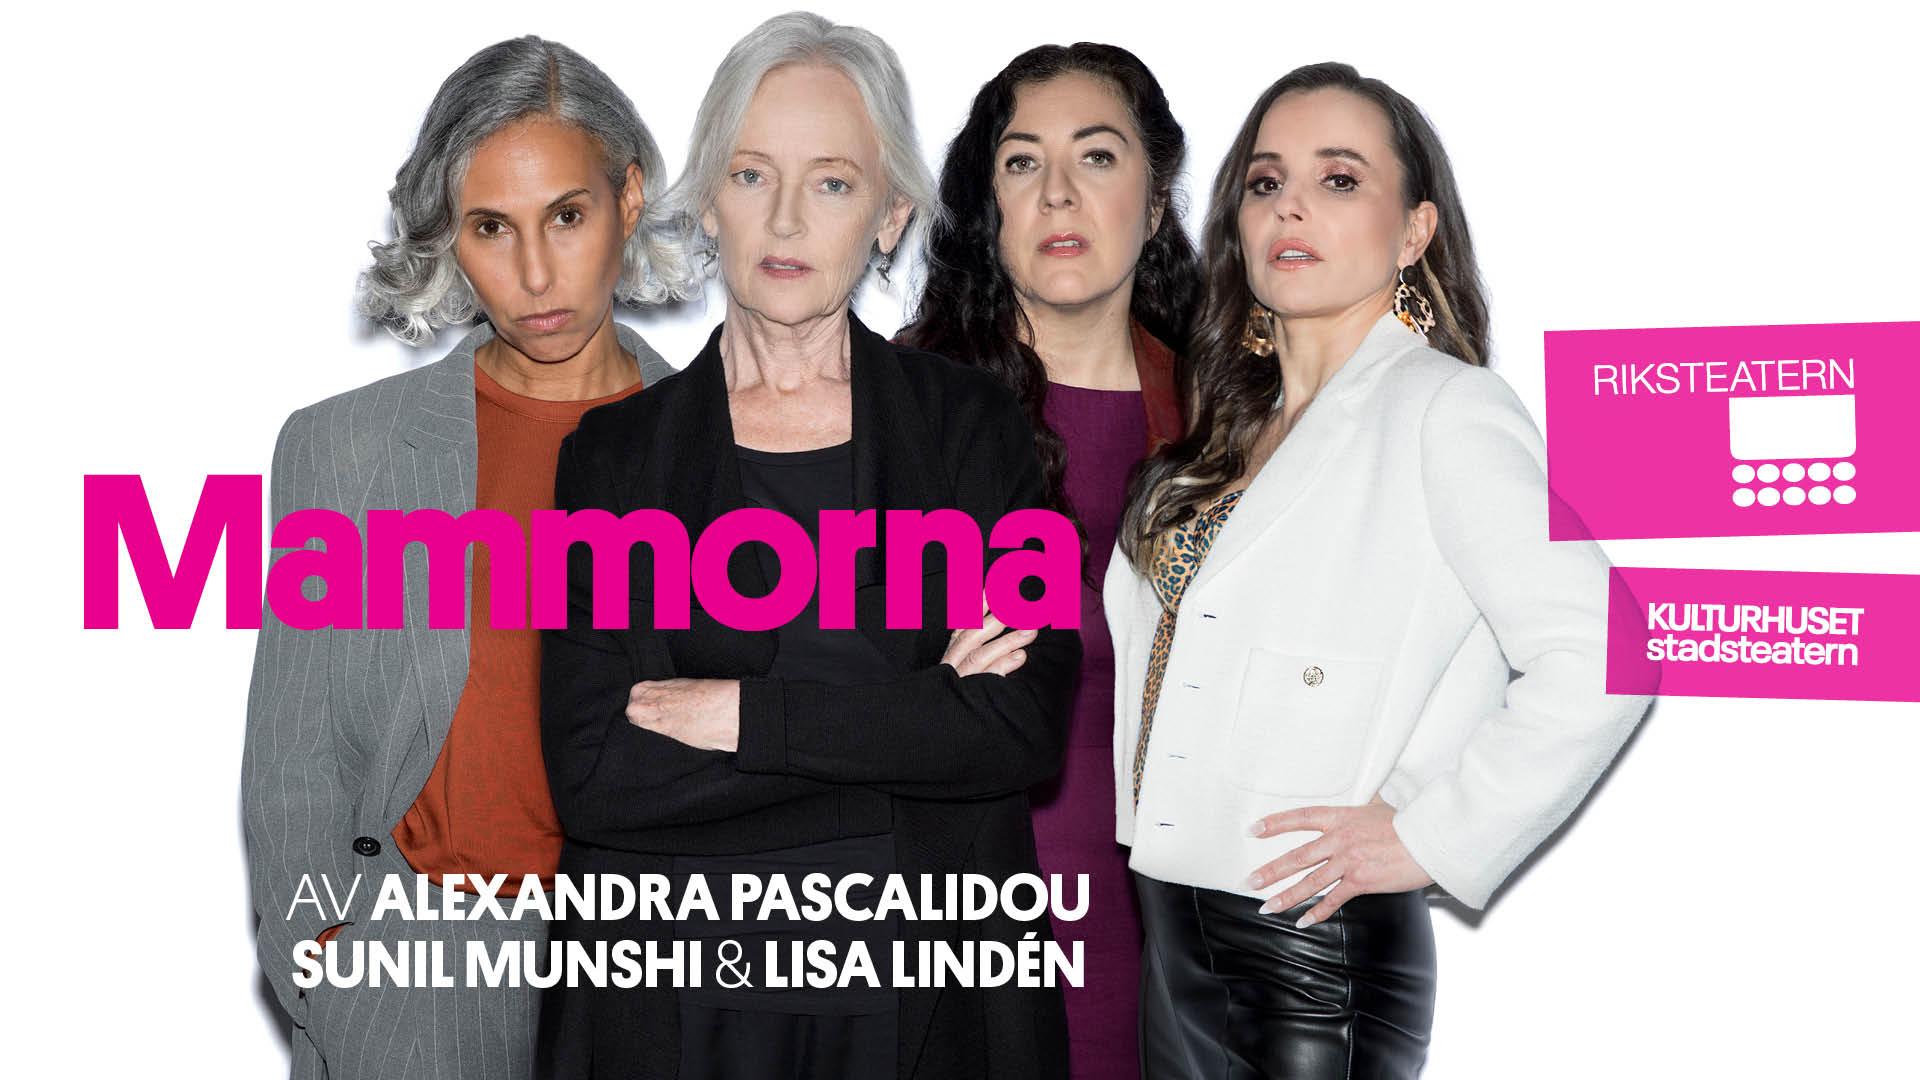 Mammorna - Teater av Alexandra Pascalidou, Sunil Munshi och Lisa Lindén